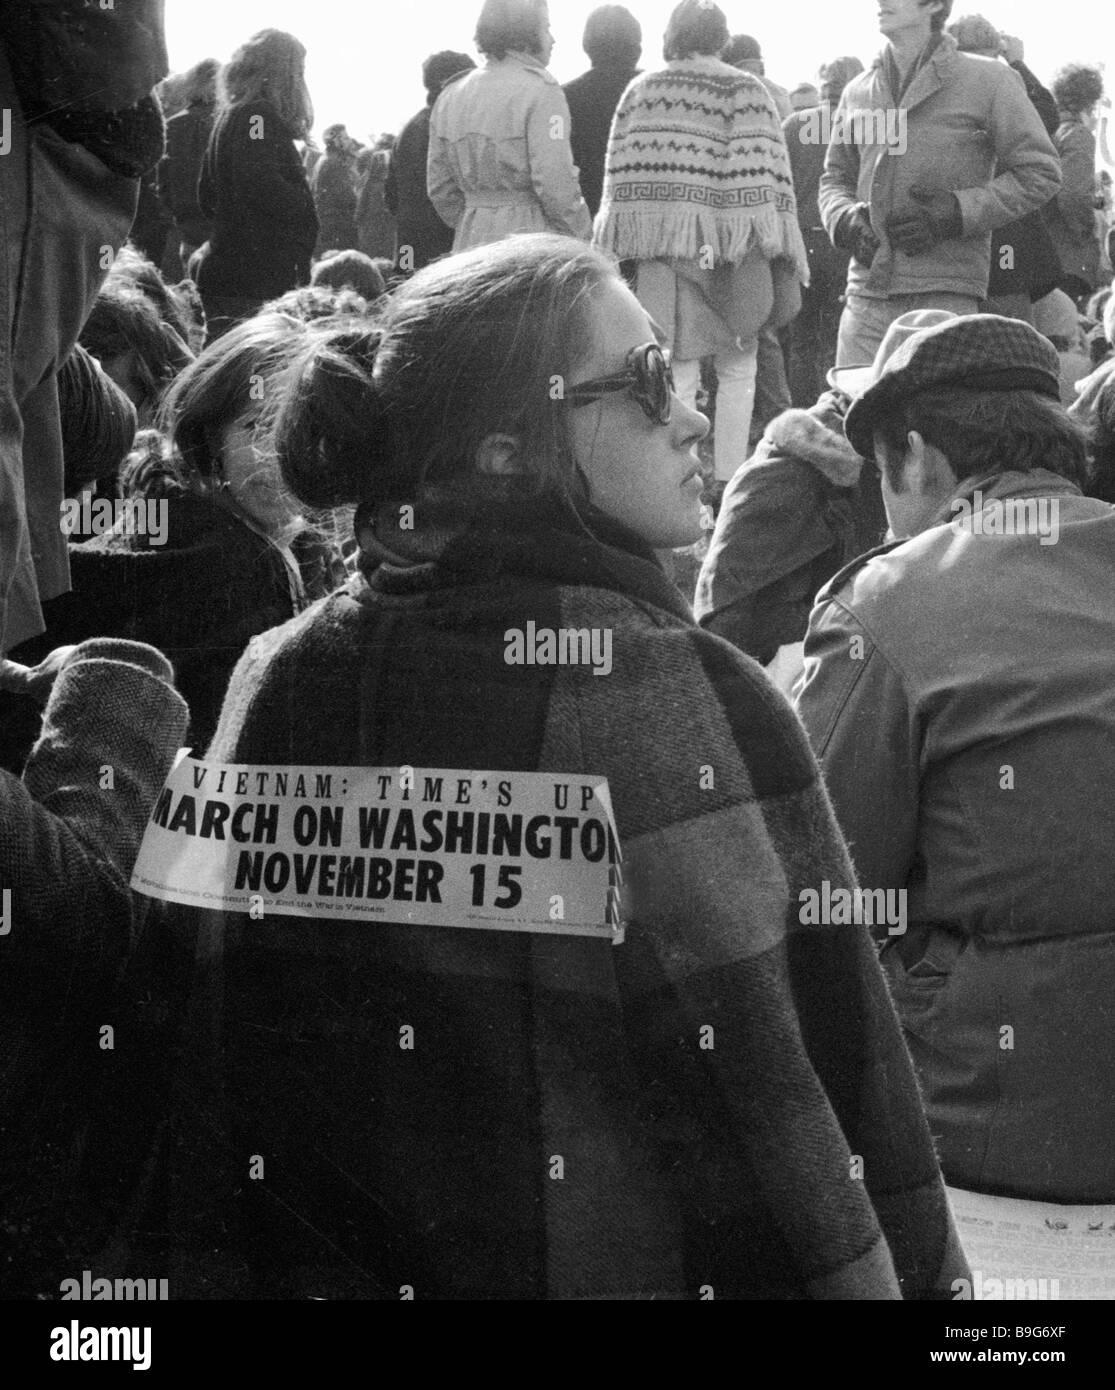 Mots sur l'arrière d'un participant à une manifestation anti Guerre du Vietnam Vietnam temps est écoulé Marche sur Banque D'Images